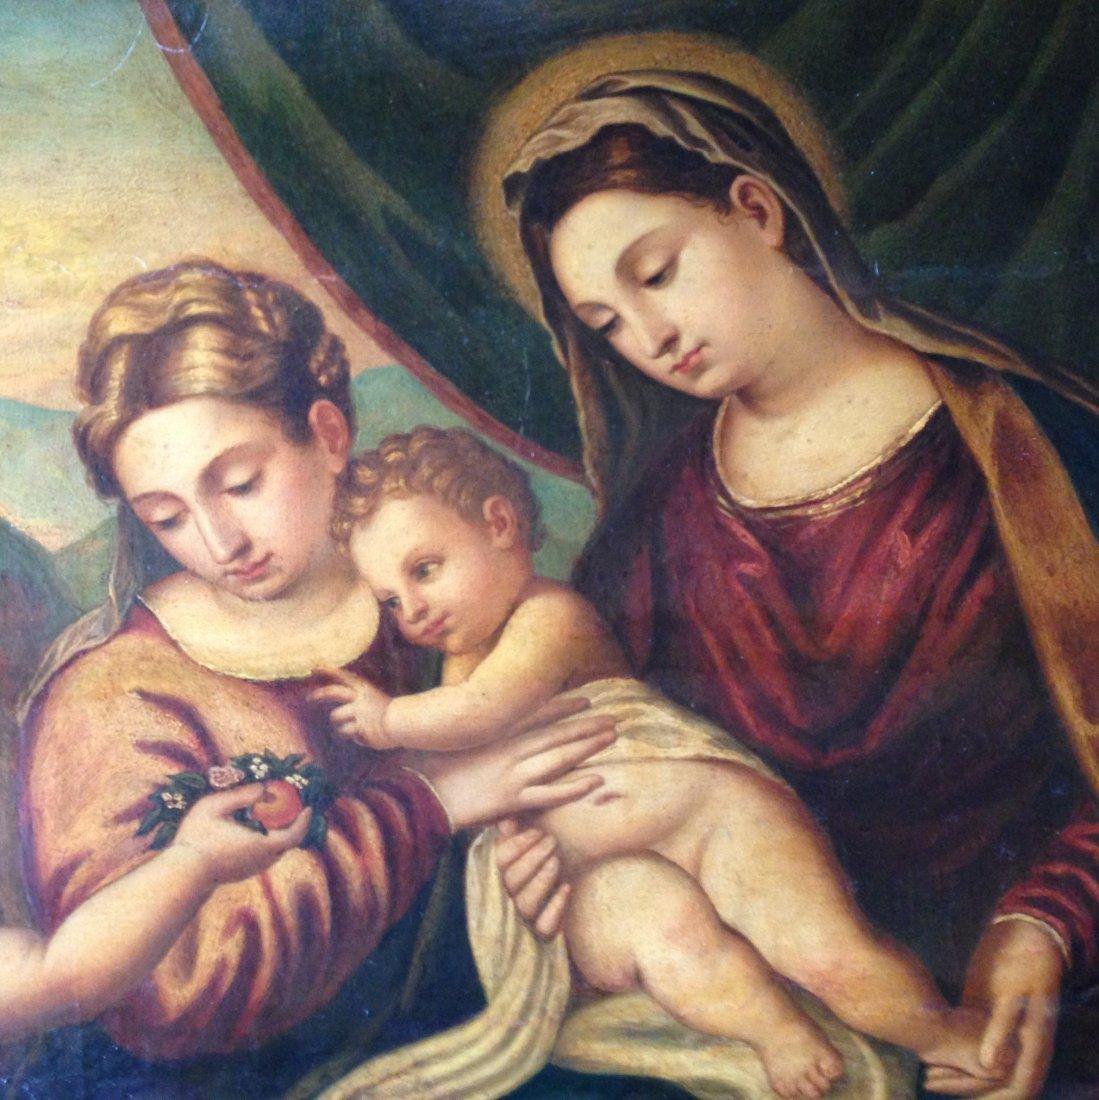 Polidoro da Lanciano, The Madonna and the Child